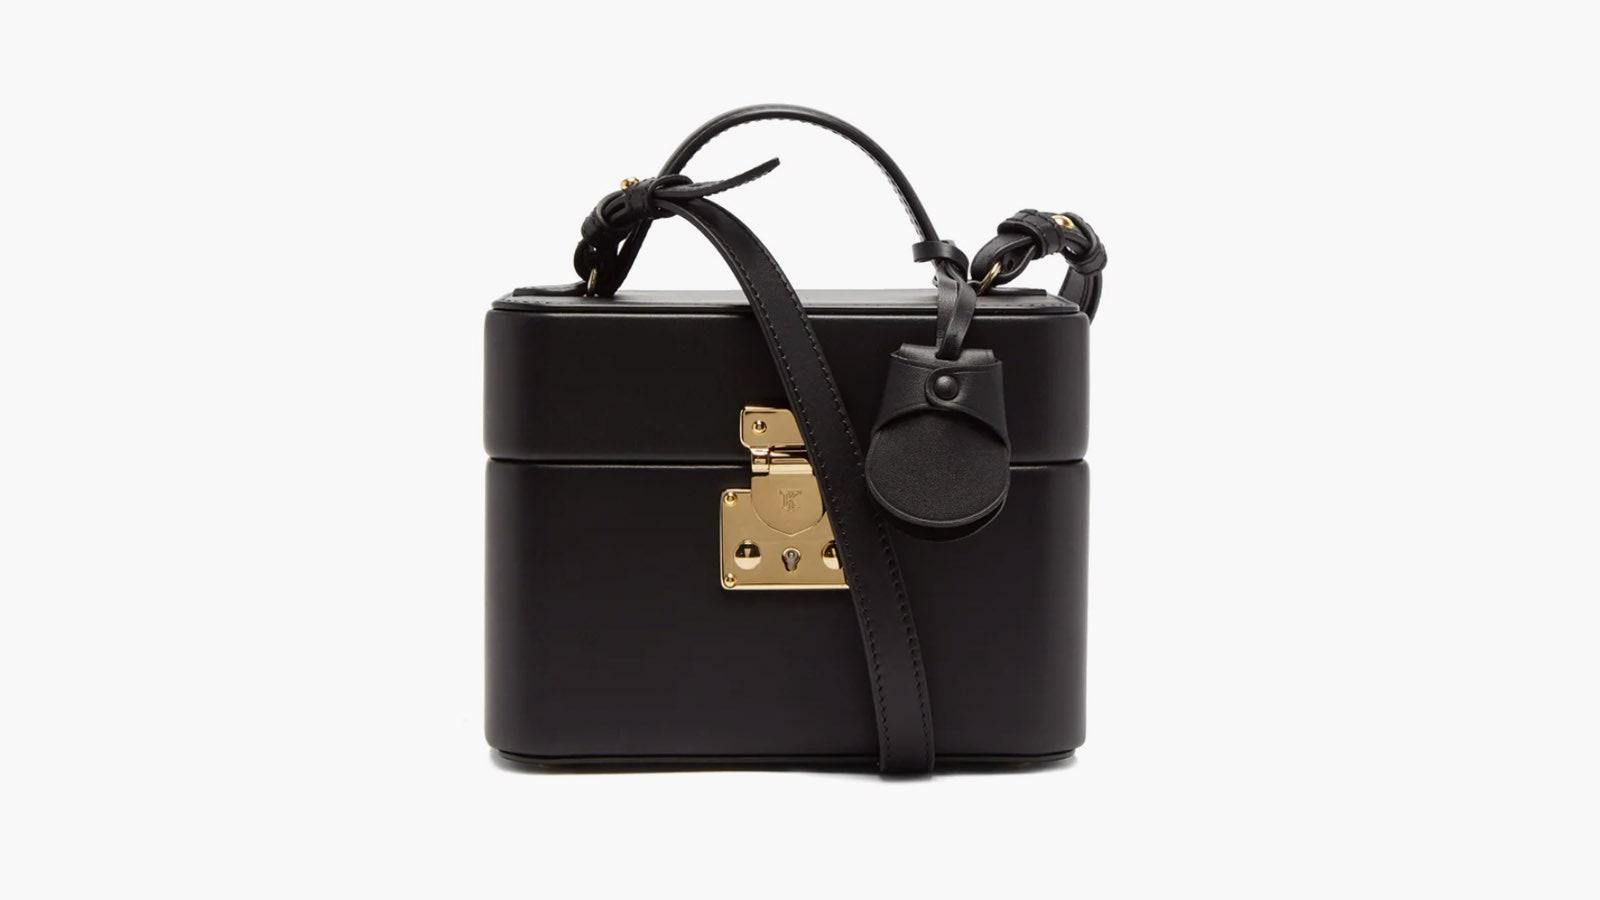 Принцесса Диана носила любимую косметичку как сумку — попробуйте и вы